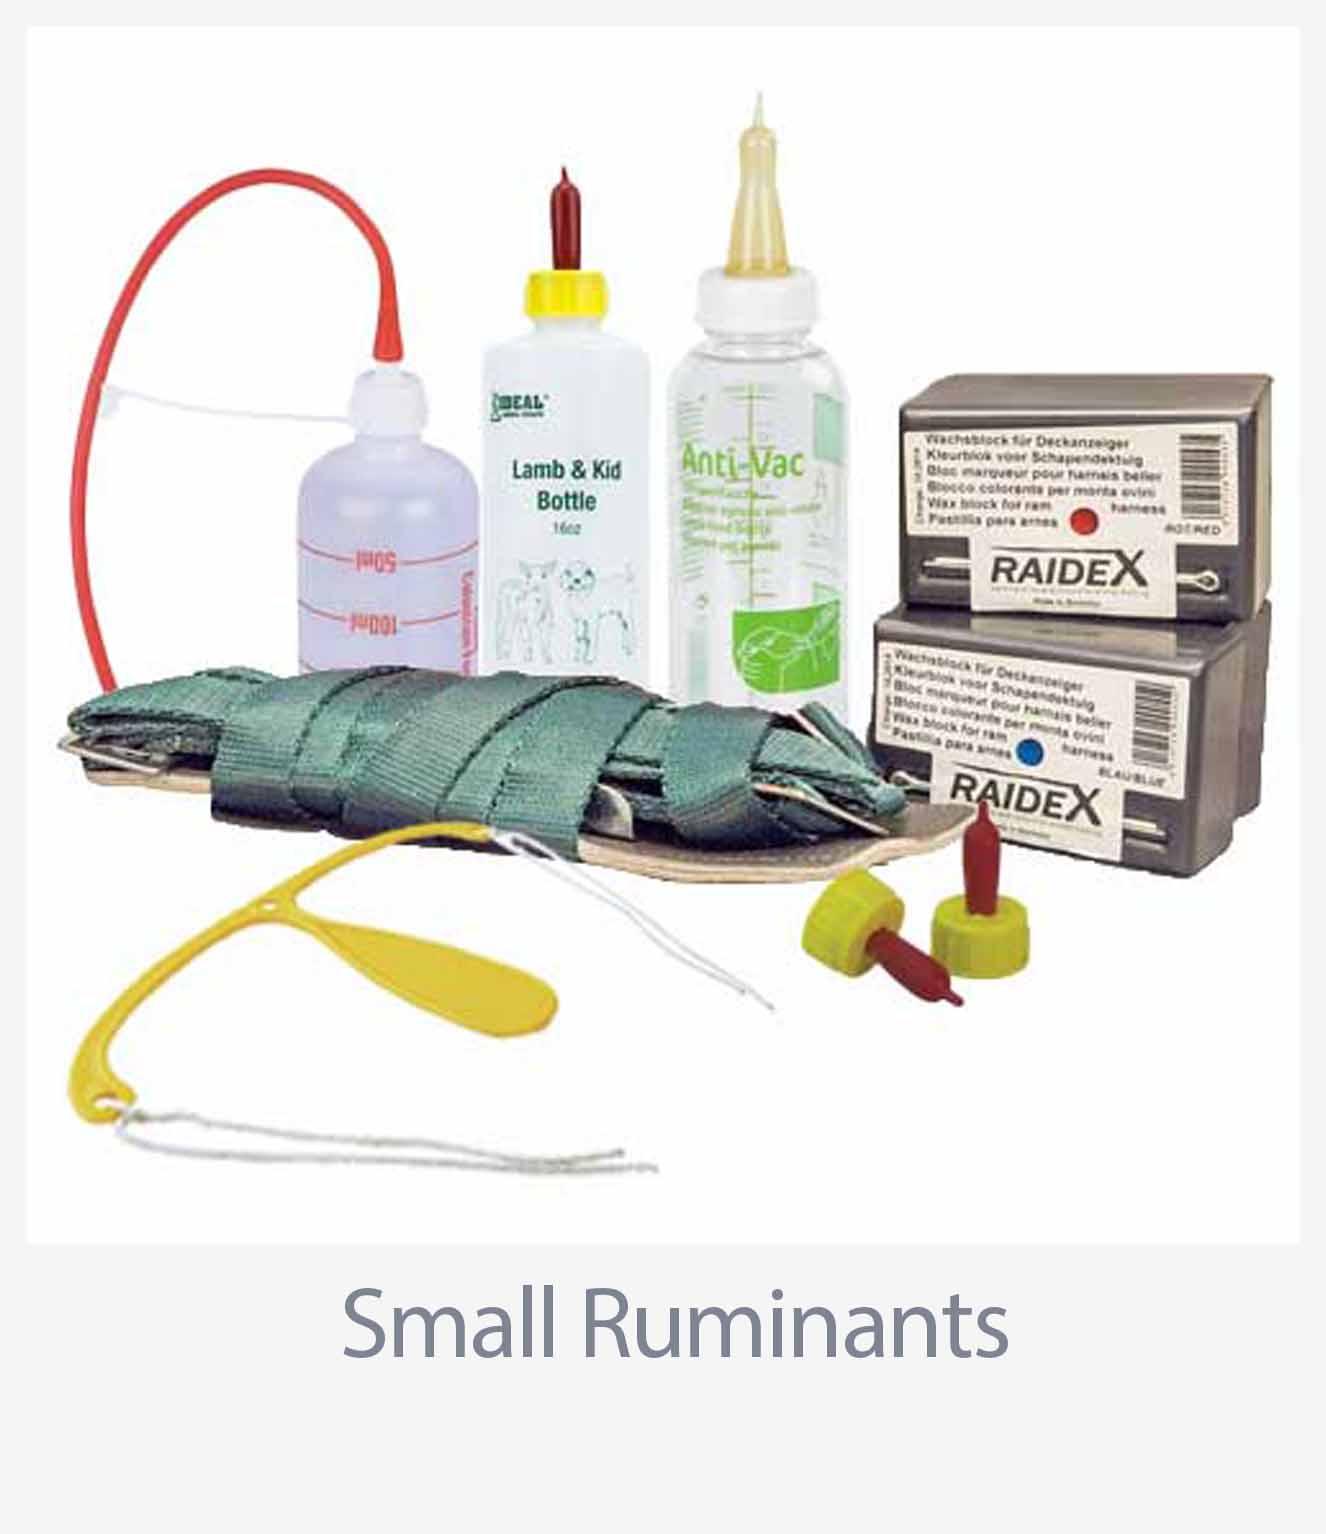 Small Ruminants